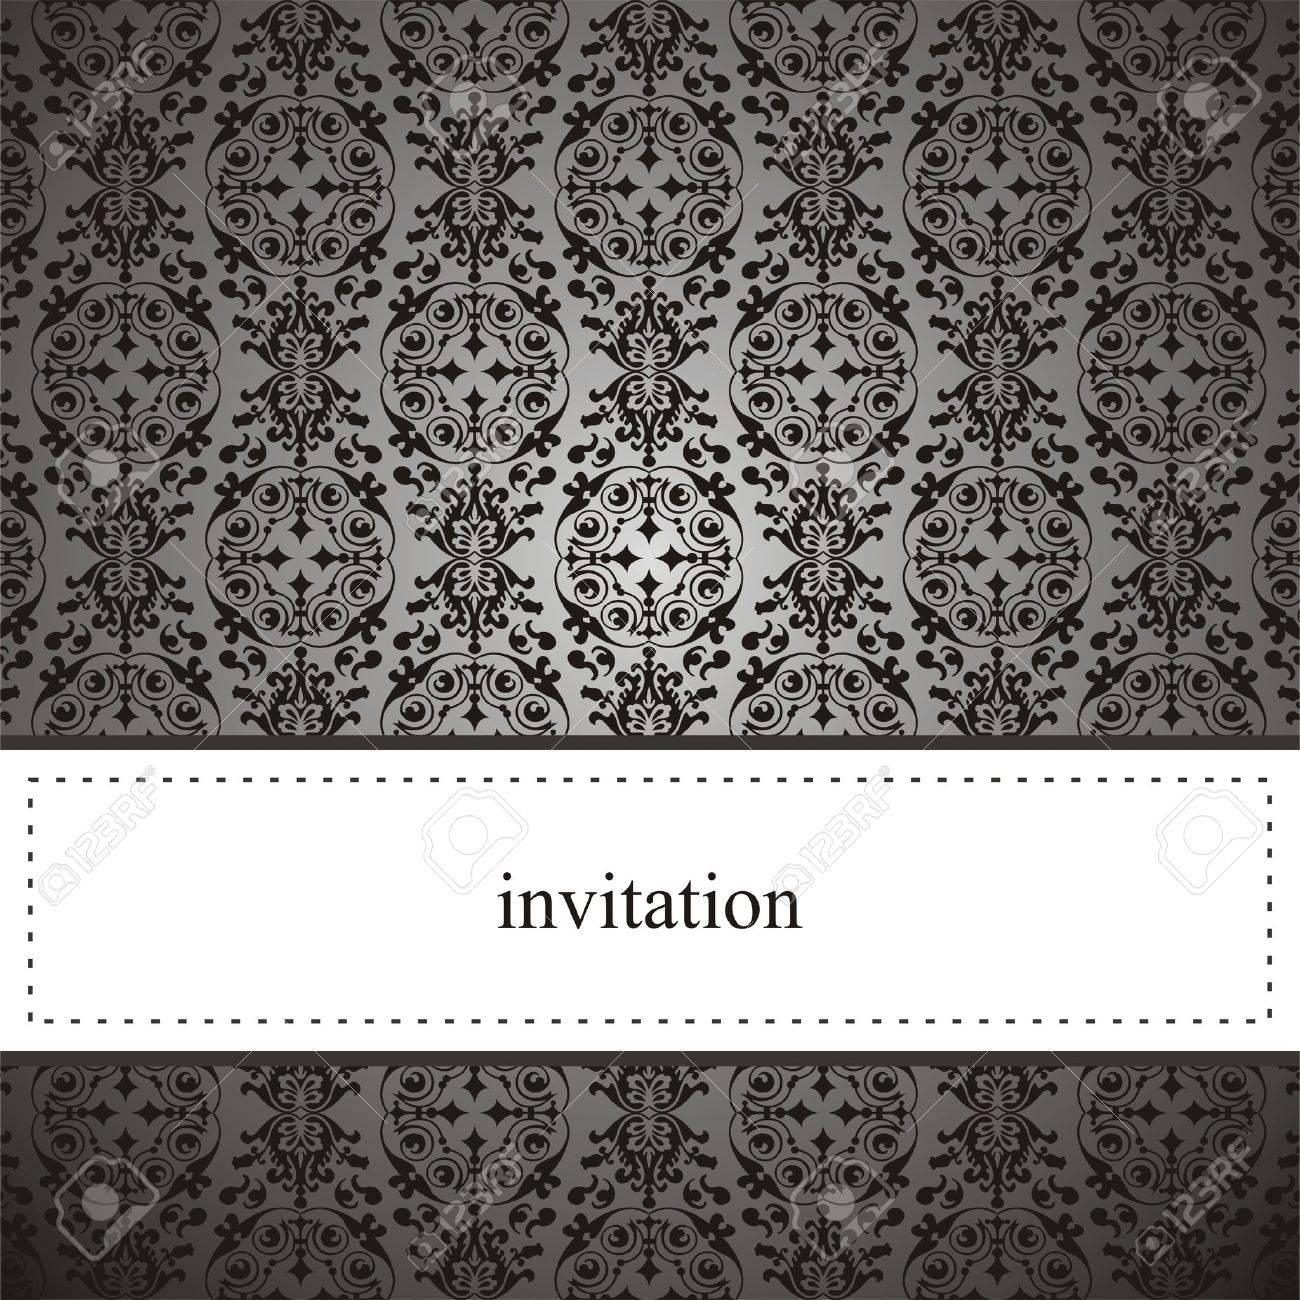 Tarjeta Elegante Clásica O Invitación Para La Fiesta Un Cumpleaños Una Boda De Encaje Negro Y Fondo Gris Oscuro El Espacio En Blanco Para Poner Su